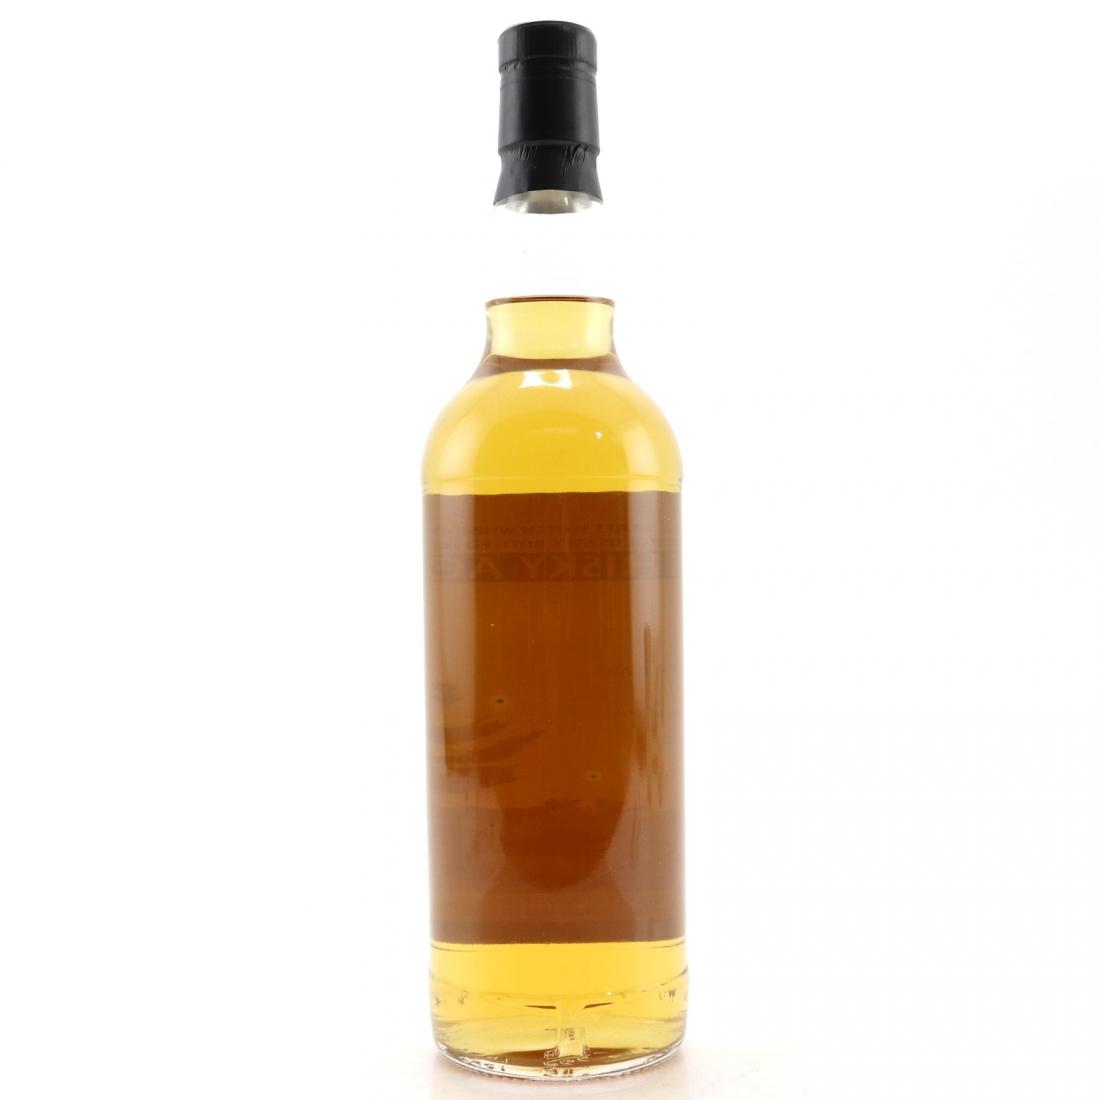 Glen Elgin 1975 Whisky Agency 35 Year Old